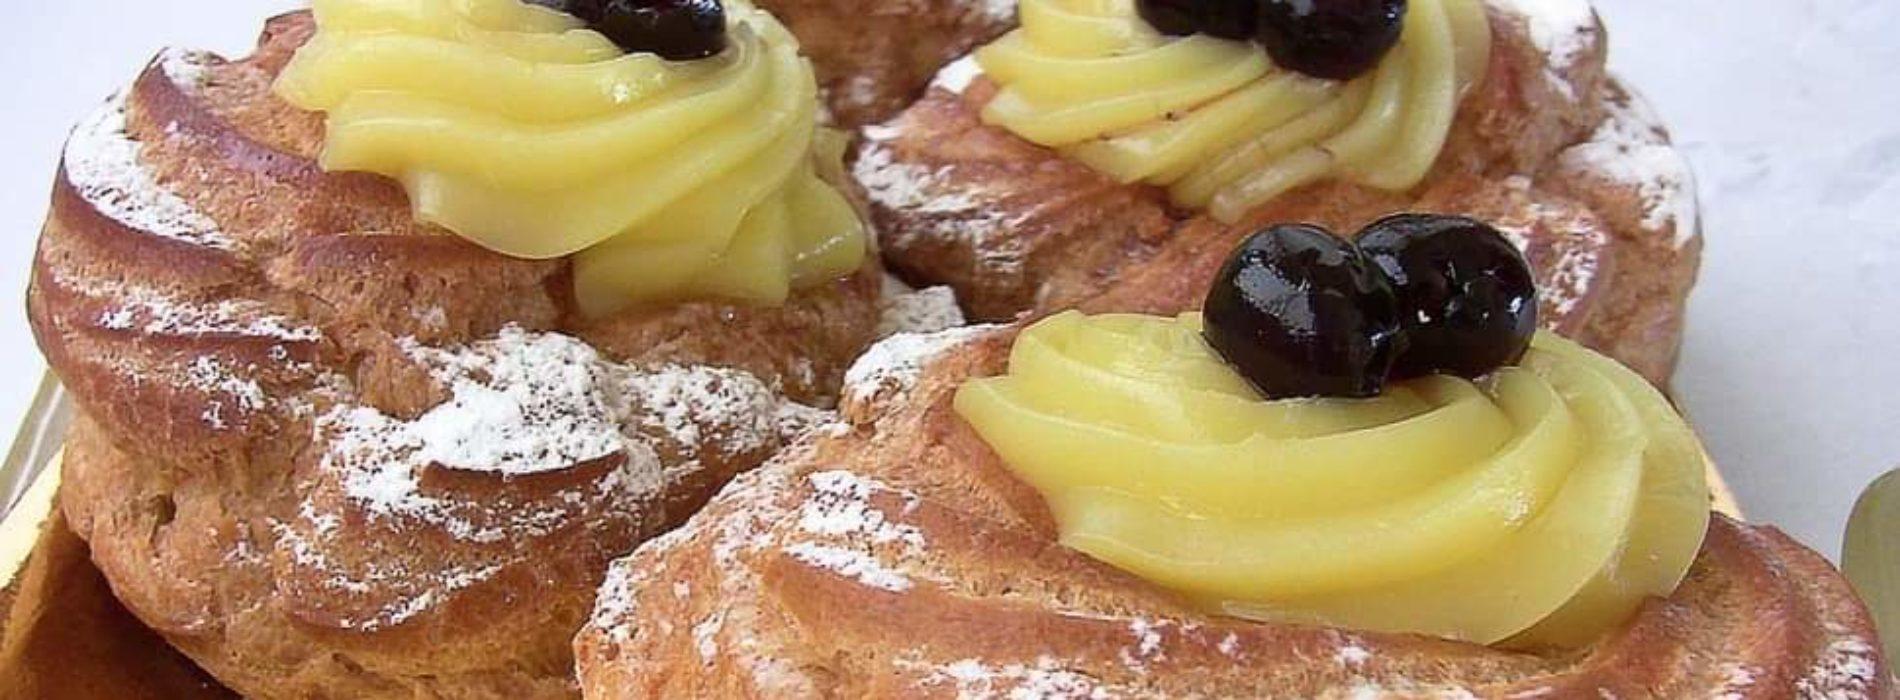 Zeppole di San Giuseppe Roma gratis a casa, Foodys e PuroSud per la festa del papà